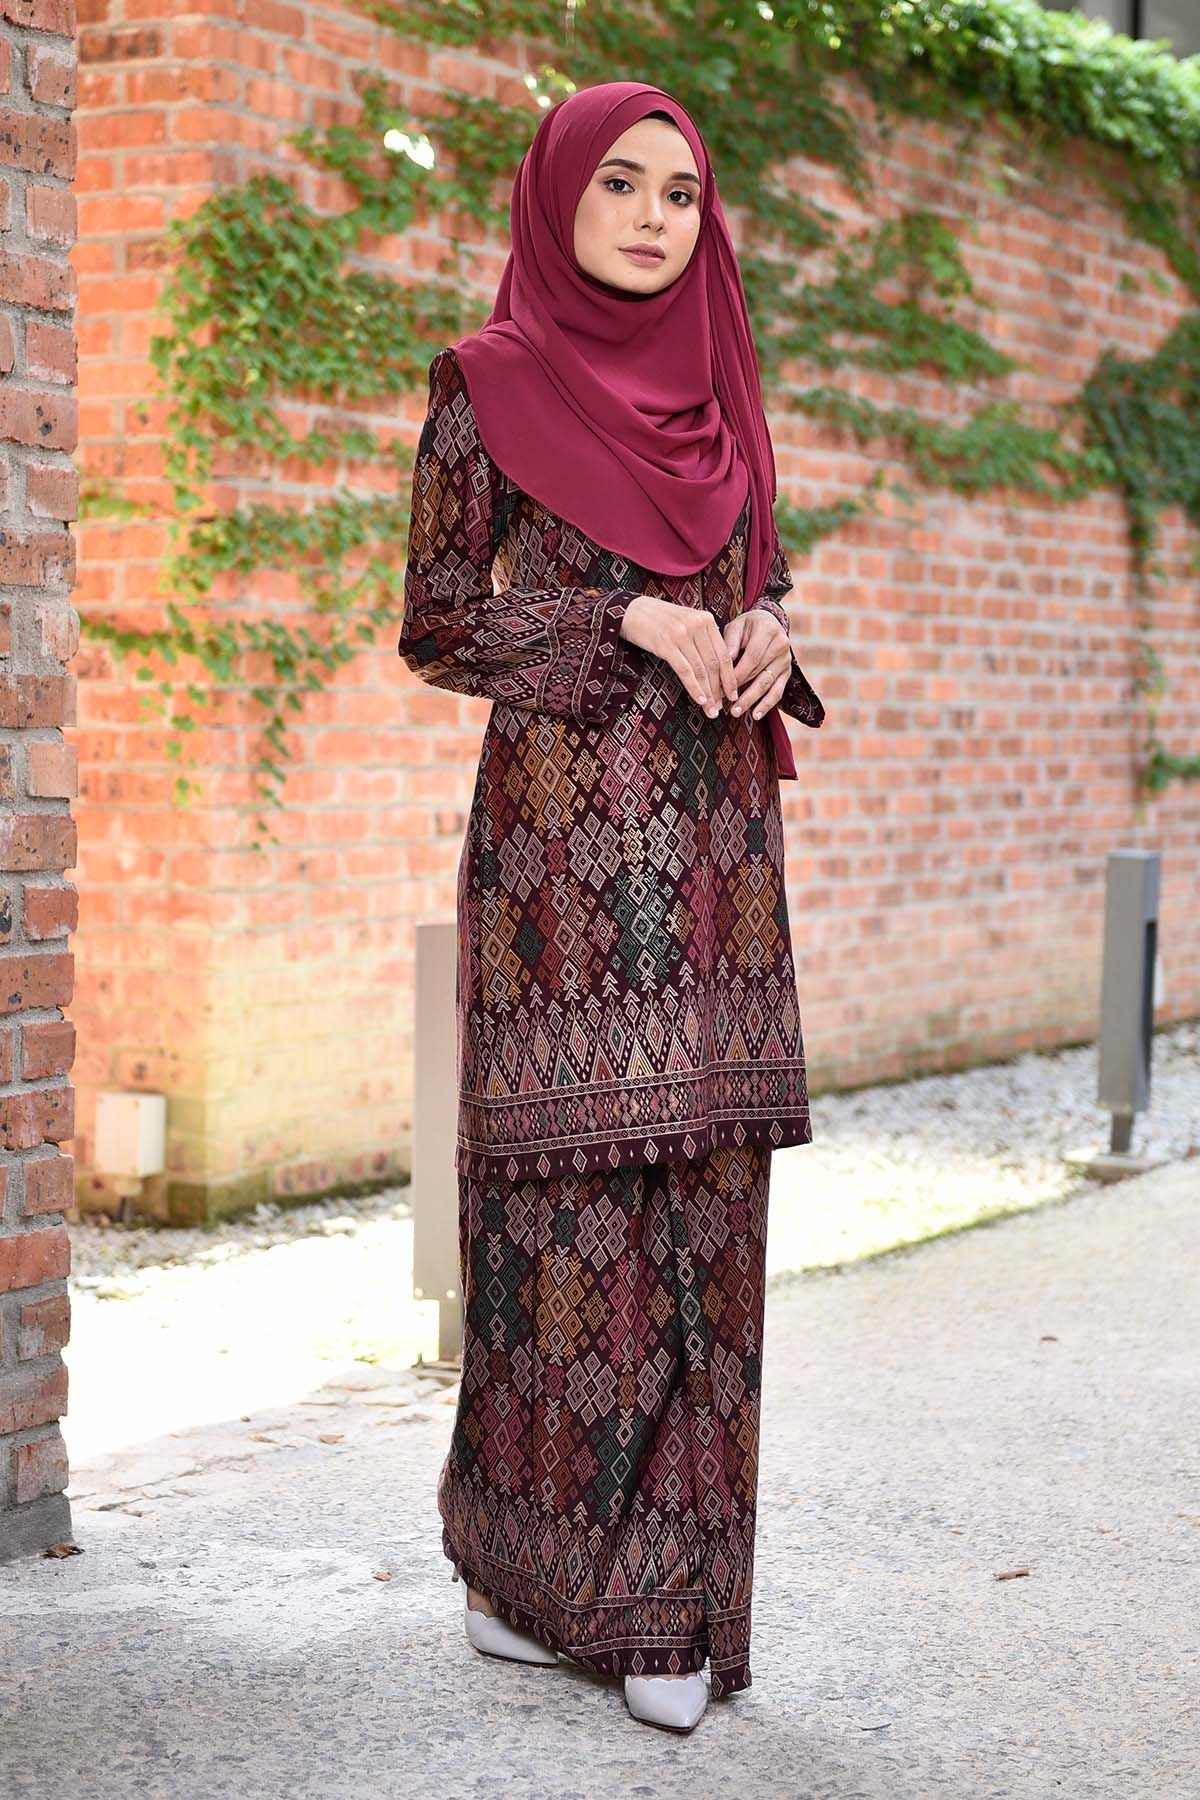 Inspirasi Baju Bridesmaid Hijab Thdr Baju Kurung songket Luella Deep Maroon